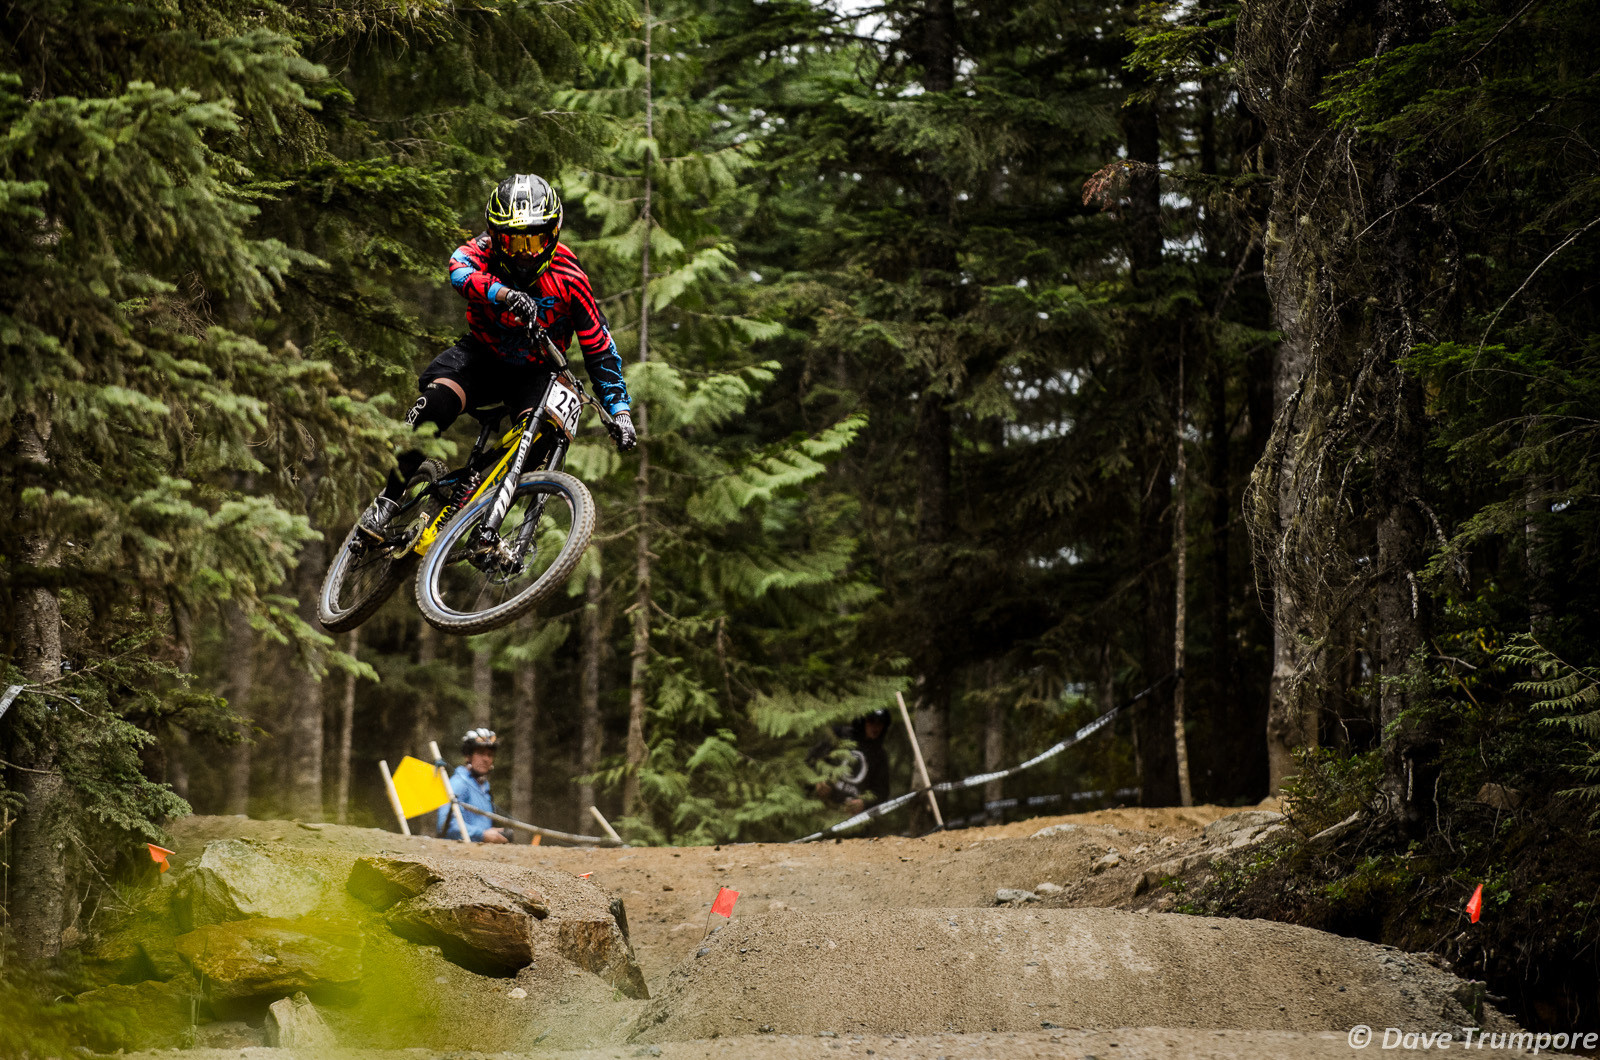 Casey Brown 5th at Crankworx Air DH - Crankworx Whistler Air DH - Mountain Biking Pictures - Vital MTB